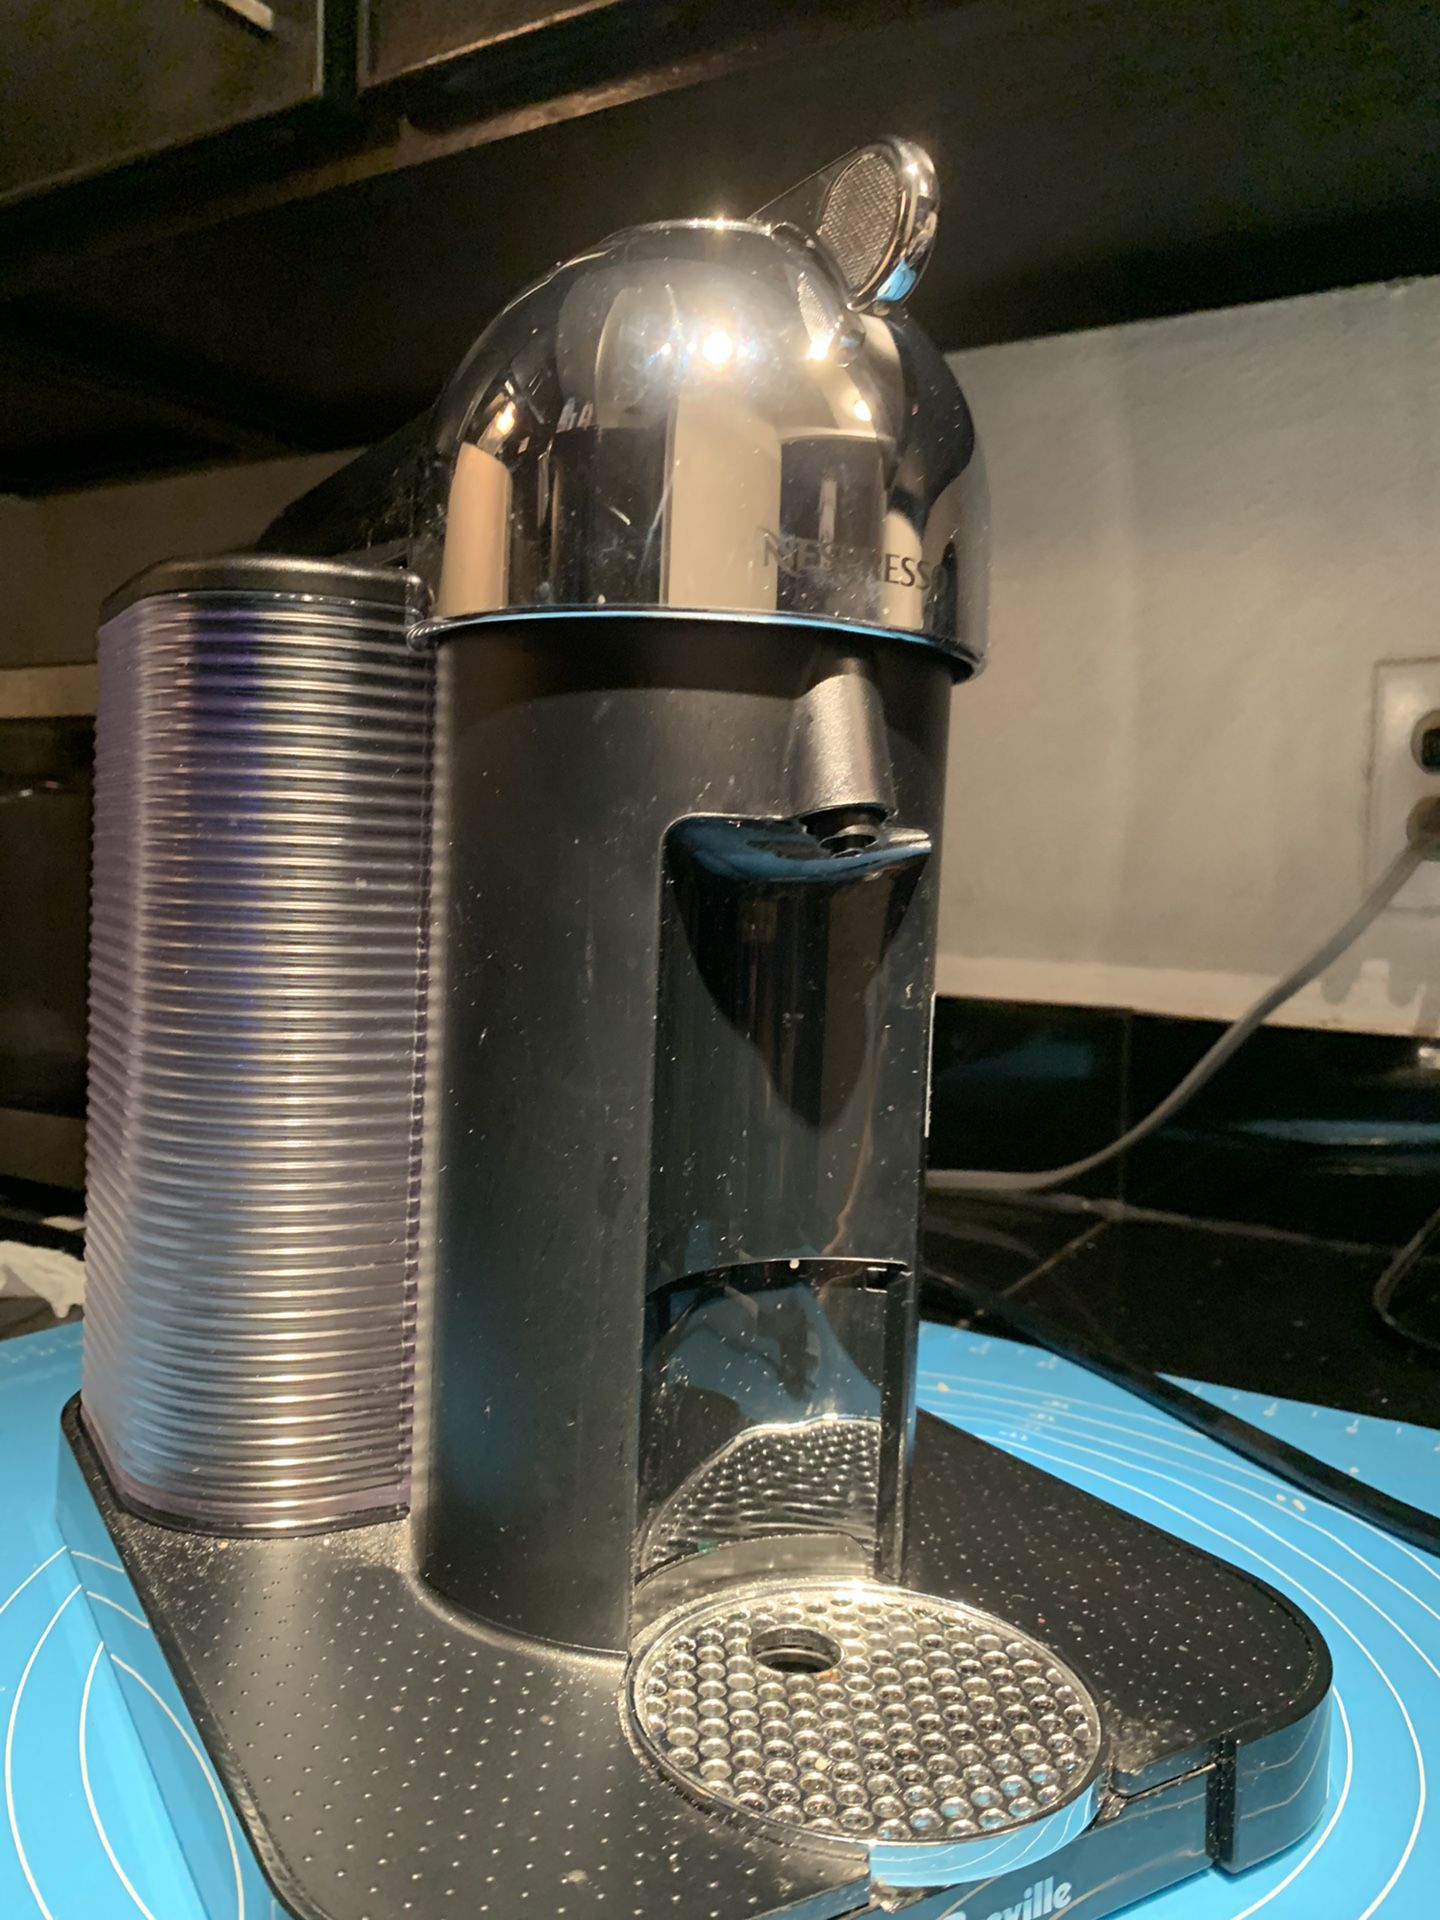 Nespresso Vertuo machine